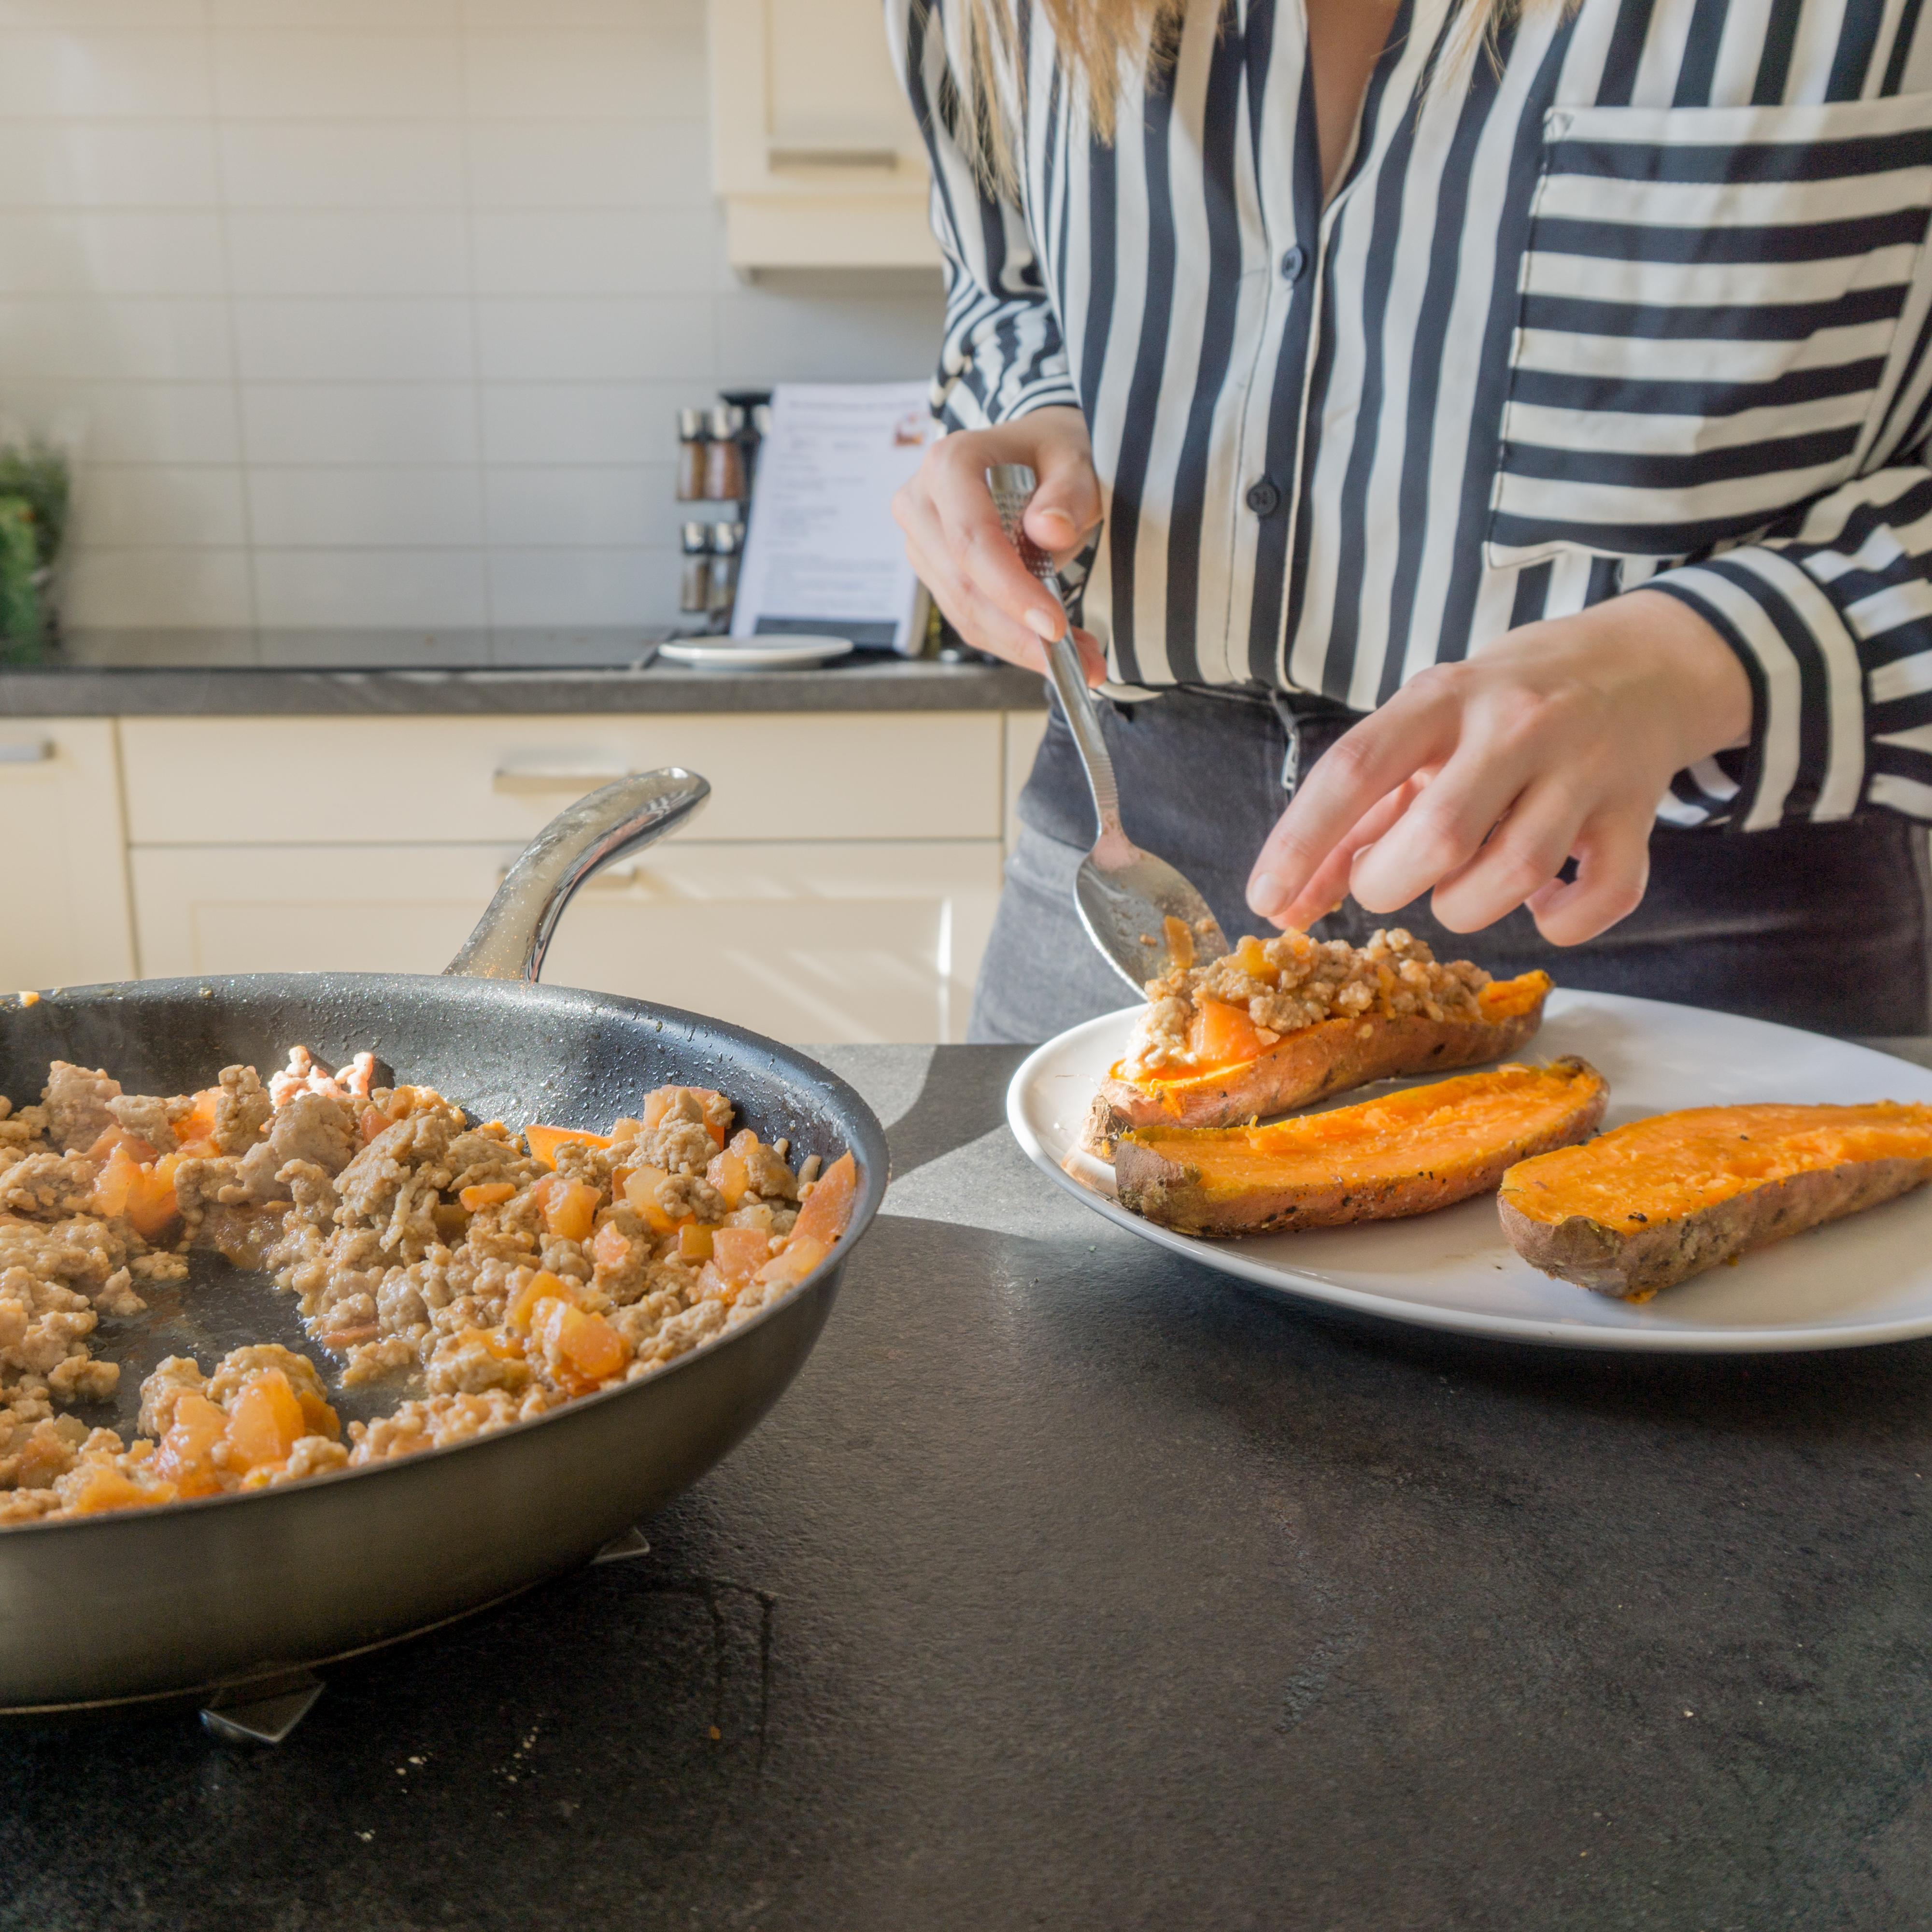 Het gehaktmengsel wordt toegevoegd aan de zoete aardappel.